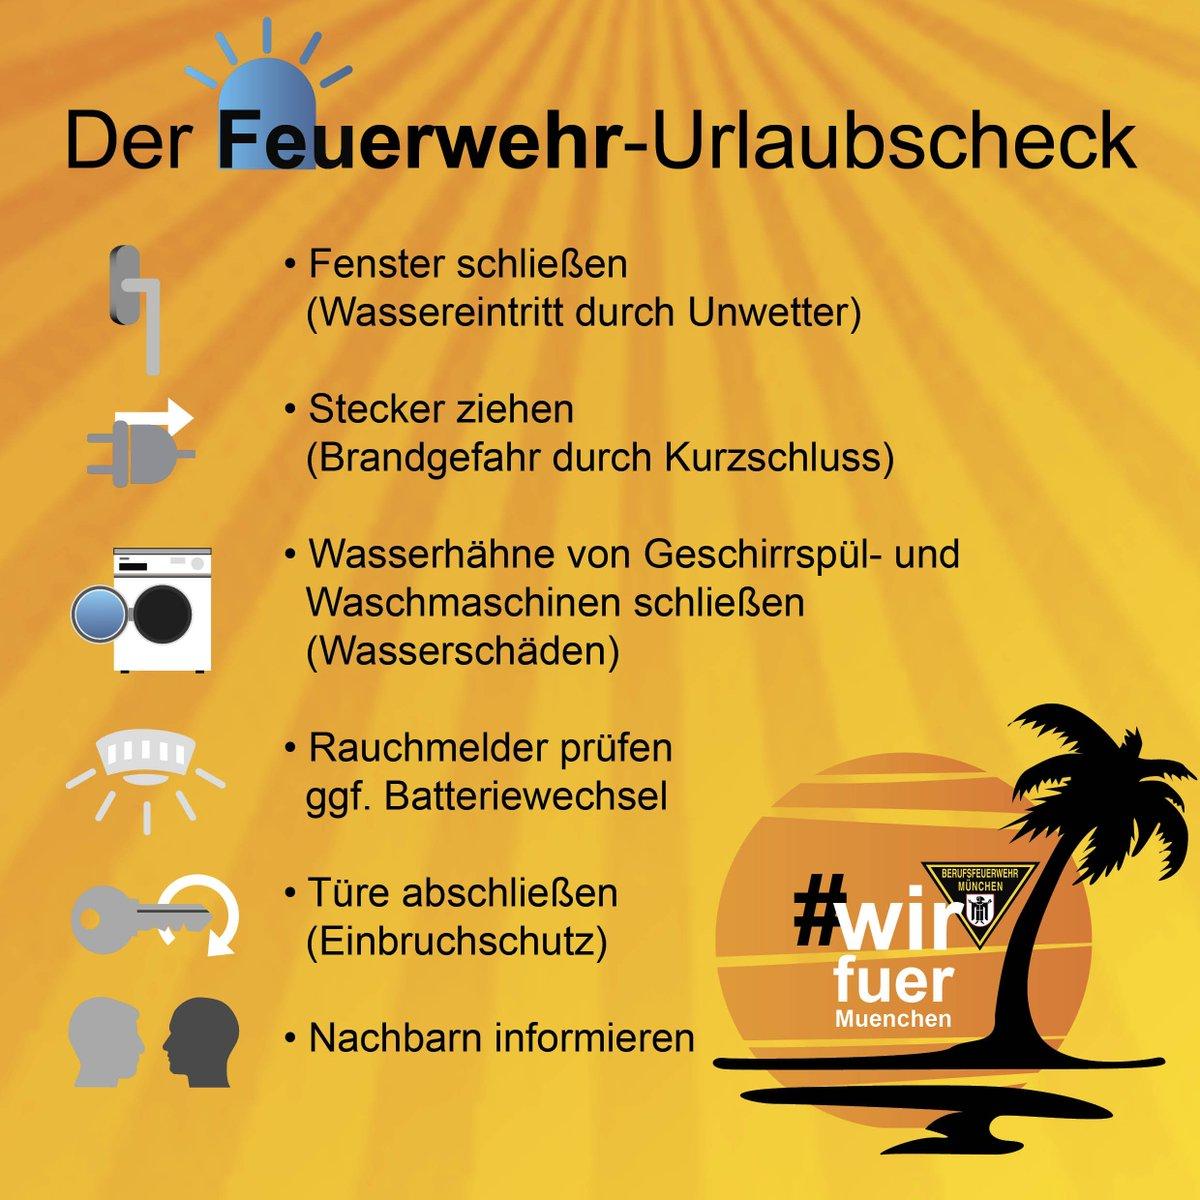 Feuerwehr München On Twitter Am Freitag Geht Sie Auch In Bayern